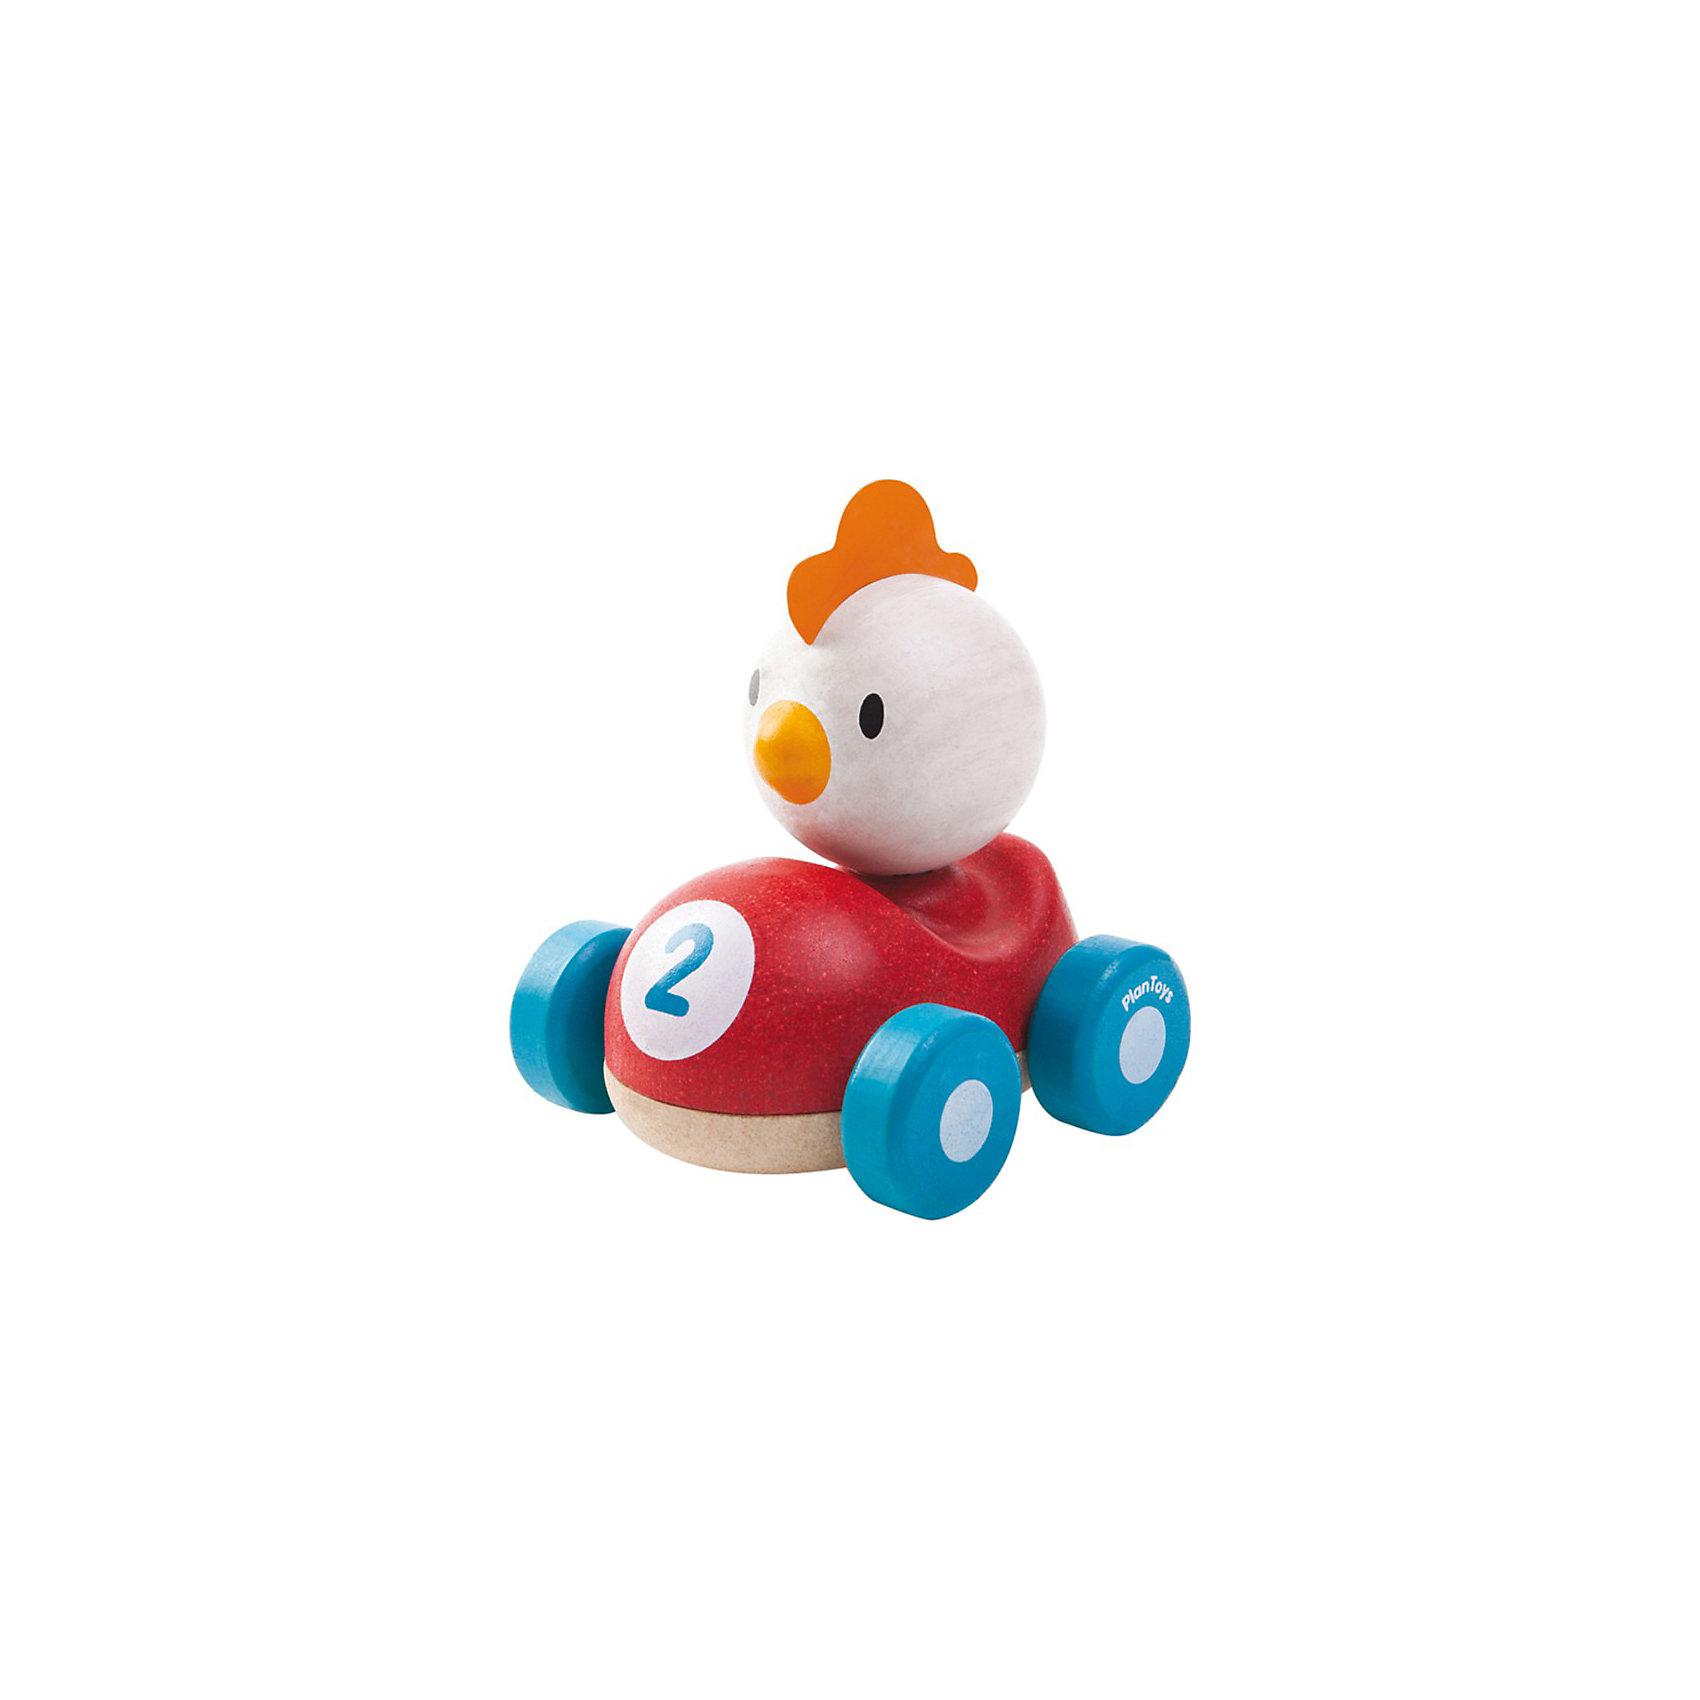 Курочка, Plan ToysРазвивающие игрушки<br>Деревянная машинка Курочка – яркая забавная игрушка для малыша, с которой он сможет устраивать настоящие скоростные гонки. <br><br>Миниатюрные машинки всегда были и остаются одними из самых любимых игрушек не только мальчиков, но и девочек. Красочная машинка из дерева с забавной курочкой понравится каждому малышу. Деревянная гоночная машинка с белой курочкой выполнена в красном цвете с синими колесами. <br><br>Игрушка изготовлена из высококачественного каучукового дерева с использованием нетоксичных красок и обработанными краями, что абсолютно исключает вероятность травмирования. <br><br>Деревянные игрушки Plan Toys (План Тойс) развивают у ребенка моторику, логику и пространственное мышление, зрительное восприятие и внимание малыша.<br><br>Дополнительная информация:<br><br>Материал: каучуковое дерево<br>Размер: 9.1 x 8.8 x 10 см<br><br>Курочку, Plan Toys (План Тойс) можно купить в нашем магазине.<br><br>Ширина мм: 117<br>Глубина мм: 101<br>Высота мм: 99<br>Вес г: 256<br>Возраст от месяцев: 12<br>Возраст до месяцев: 36<br>Пол: Унисекс<br>Возраст: Детский<br>SKU: 3648148